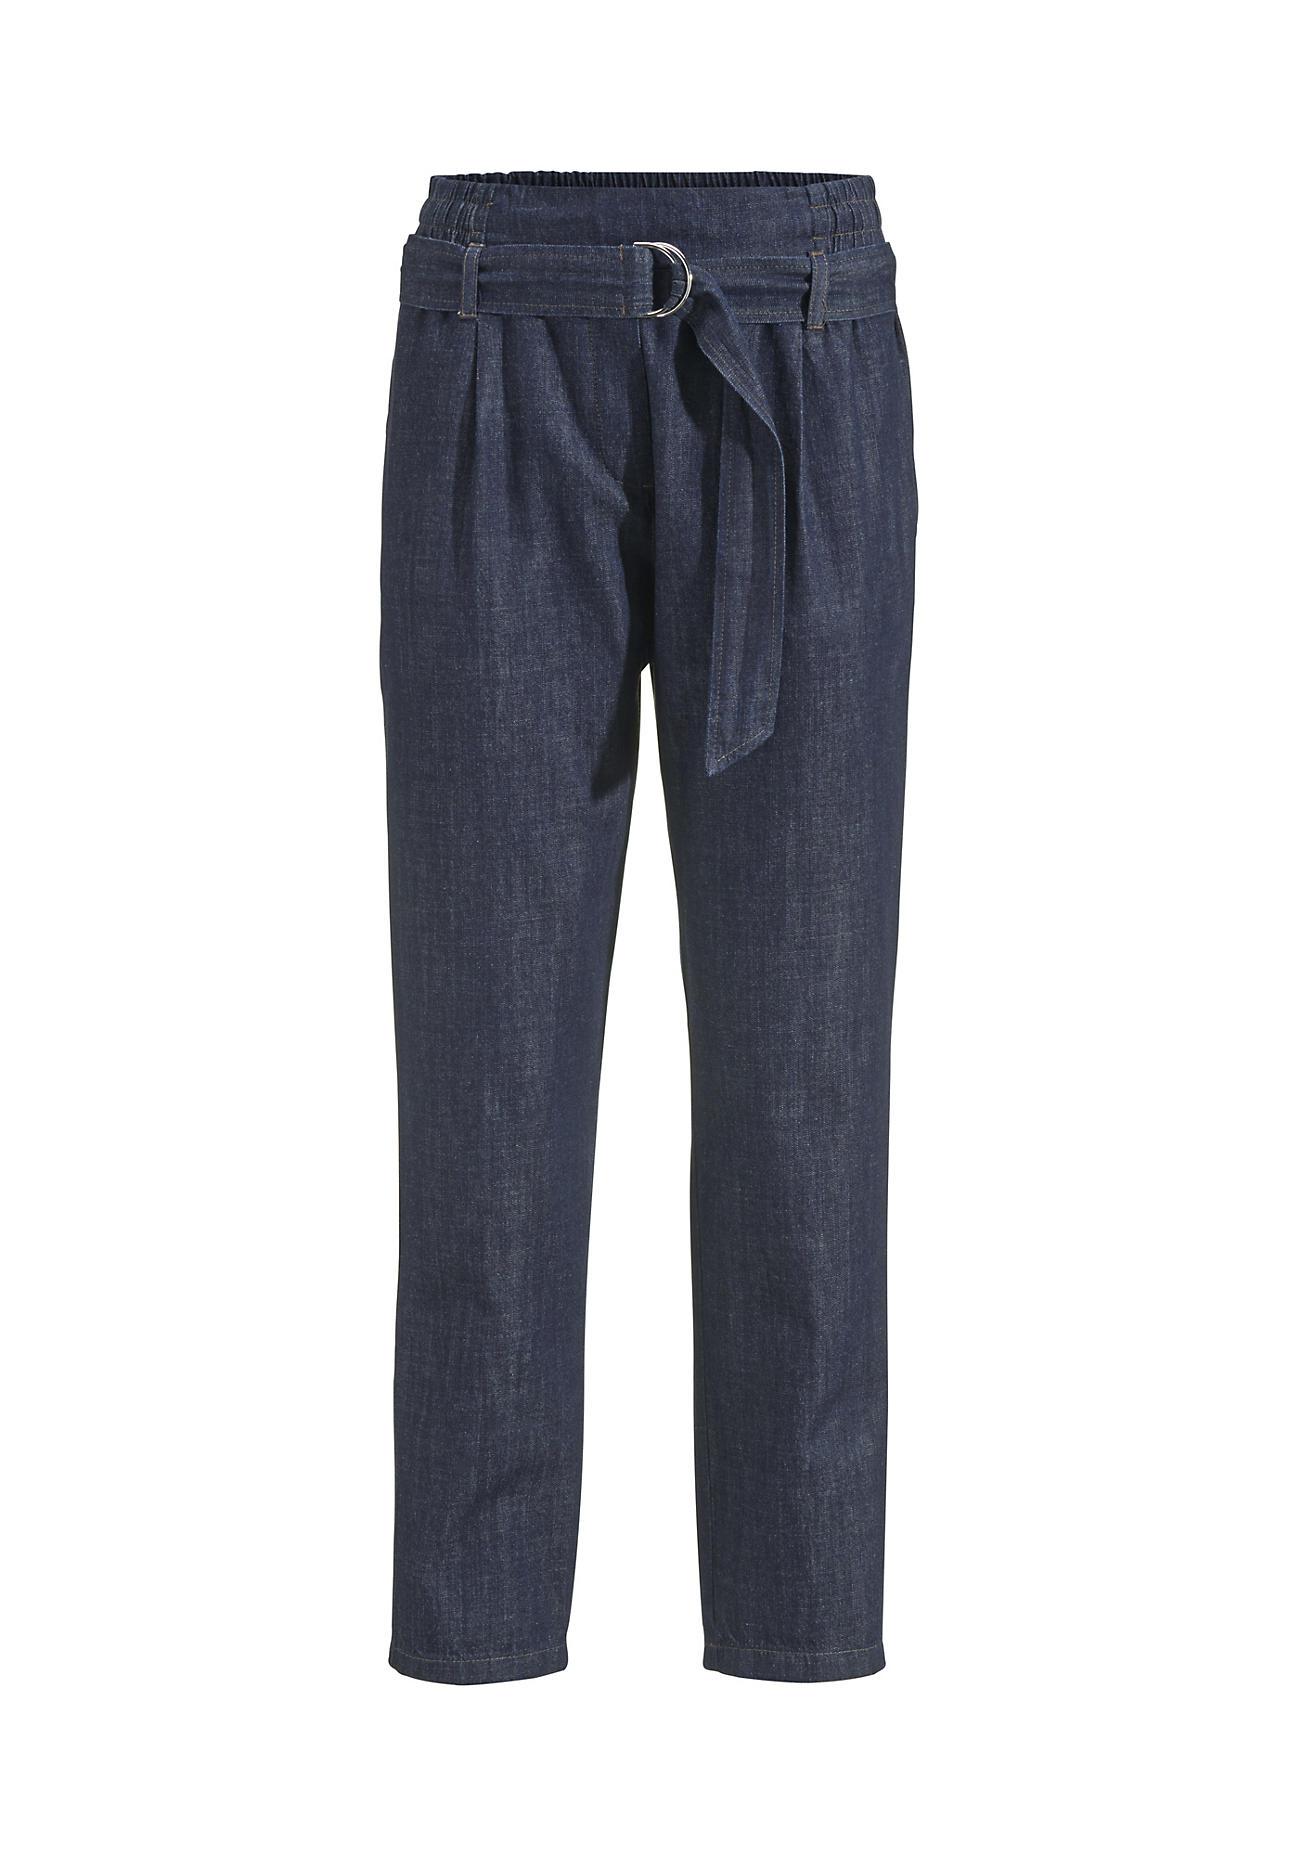 hessnatur Damen Jeans aus Bio Baumwolle – blau – Größe 38